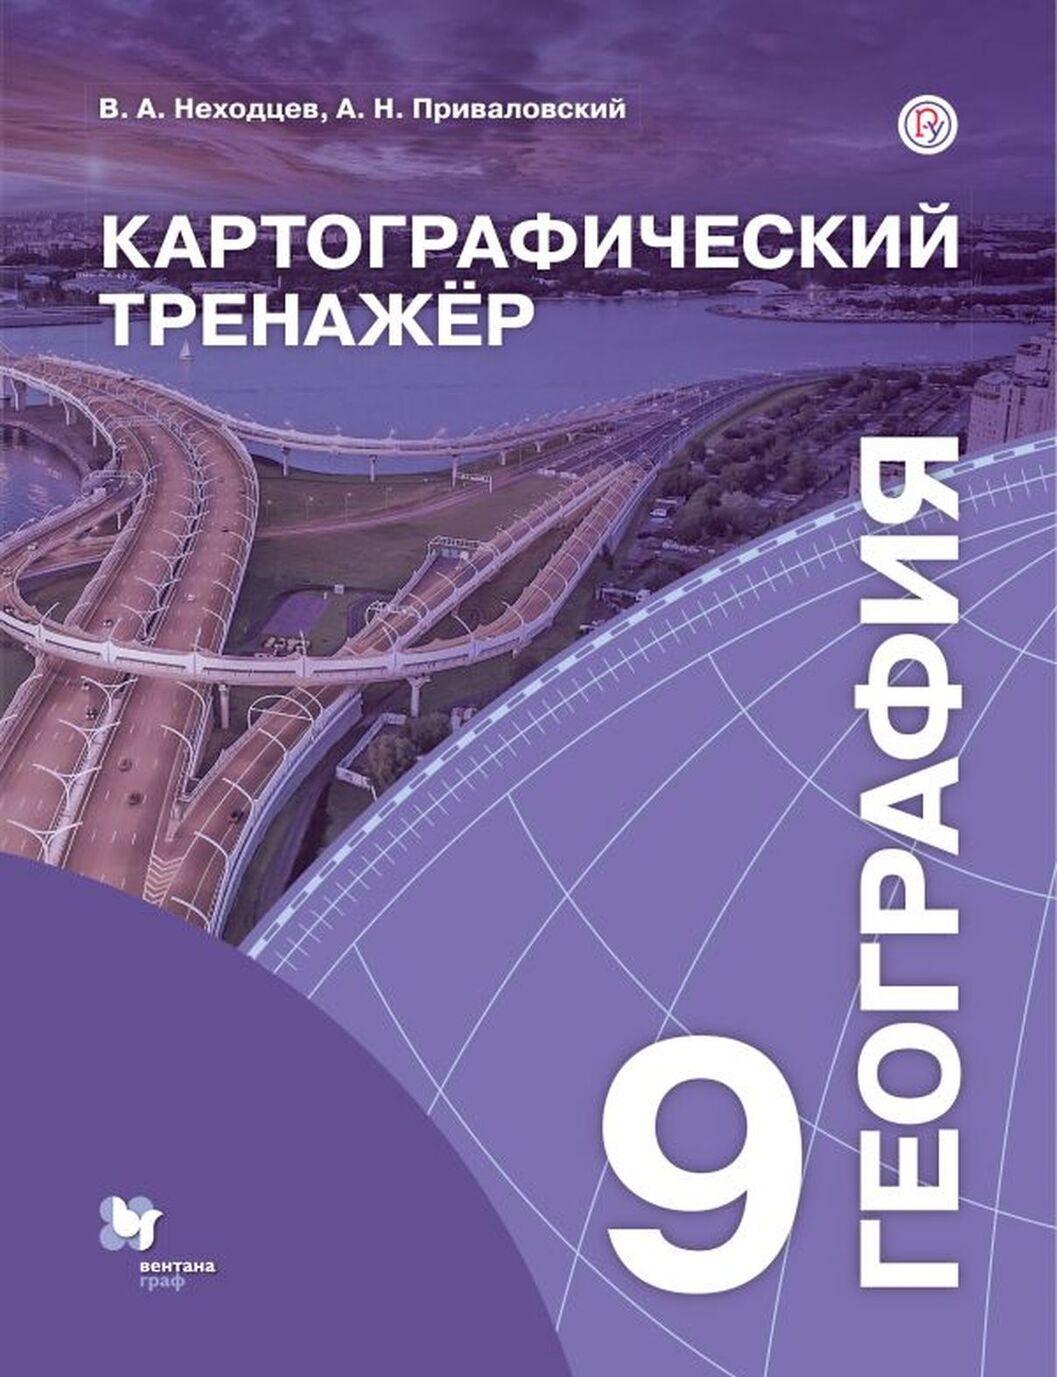 Geografija. 9 klass. Kartograficheskij trenazhjor | Privalovskij A. N., Nekhodtsev Vladimir Alekseevich